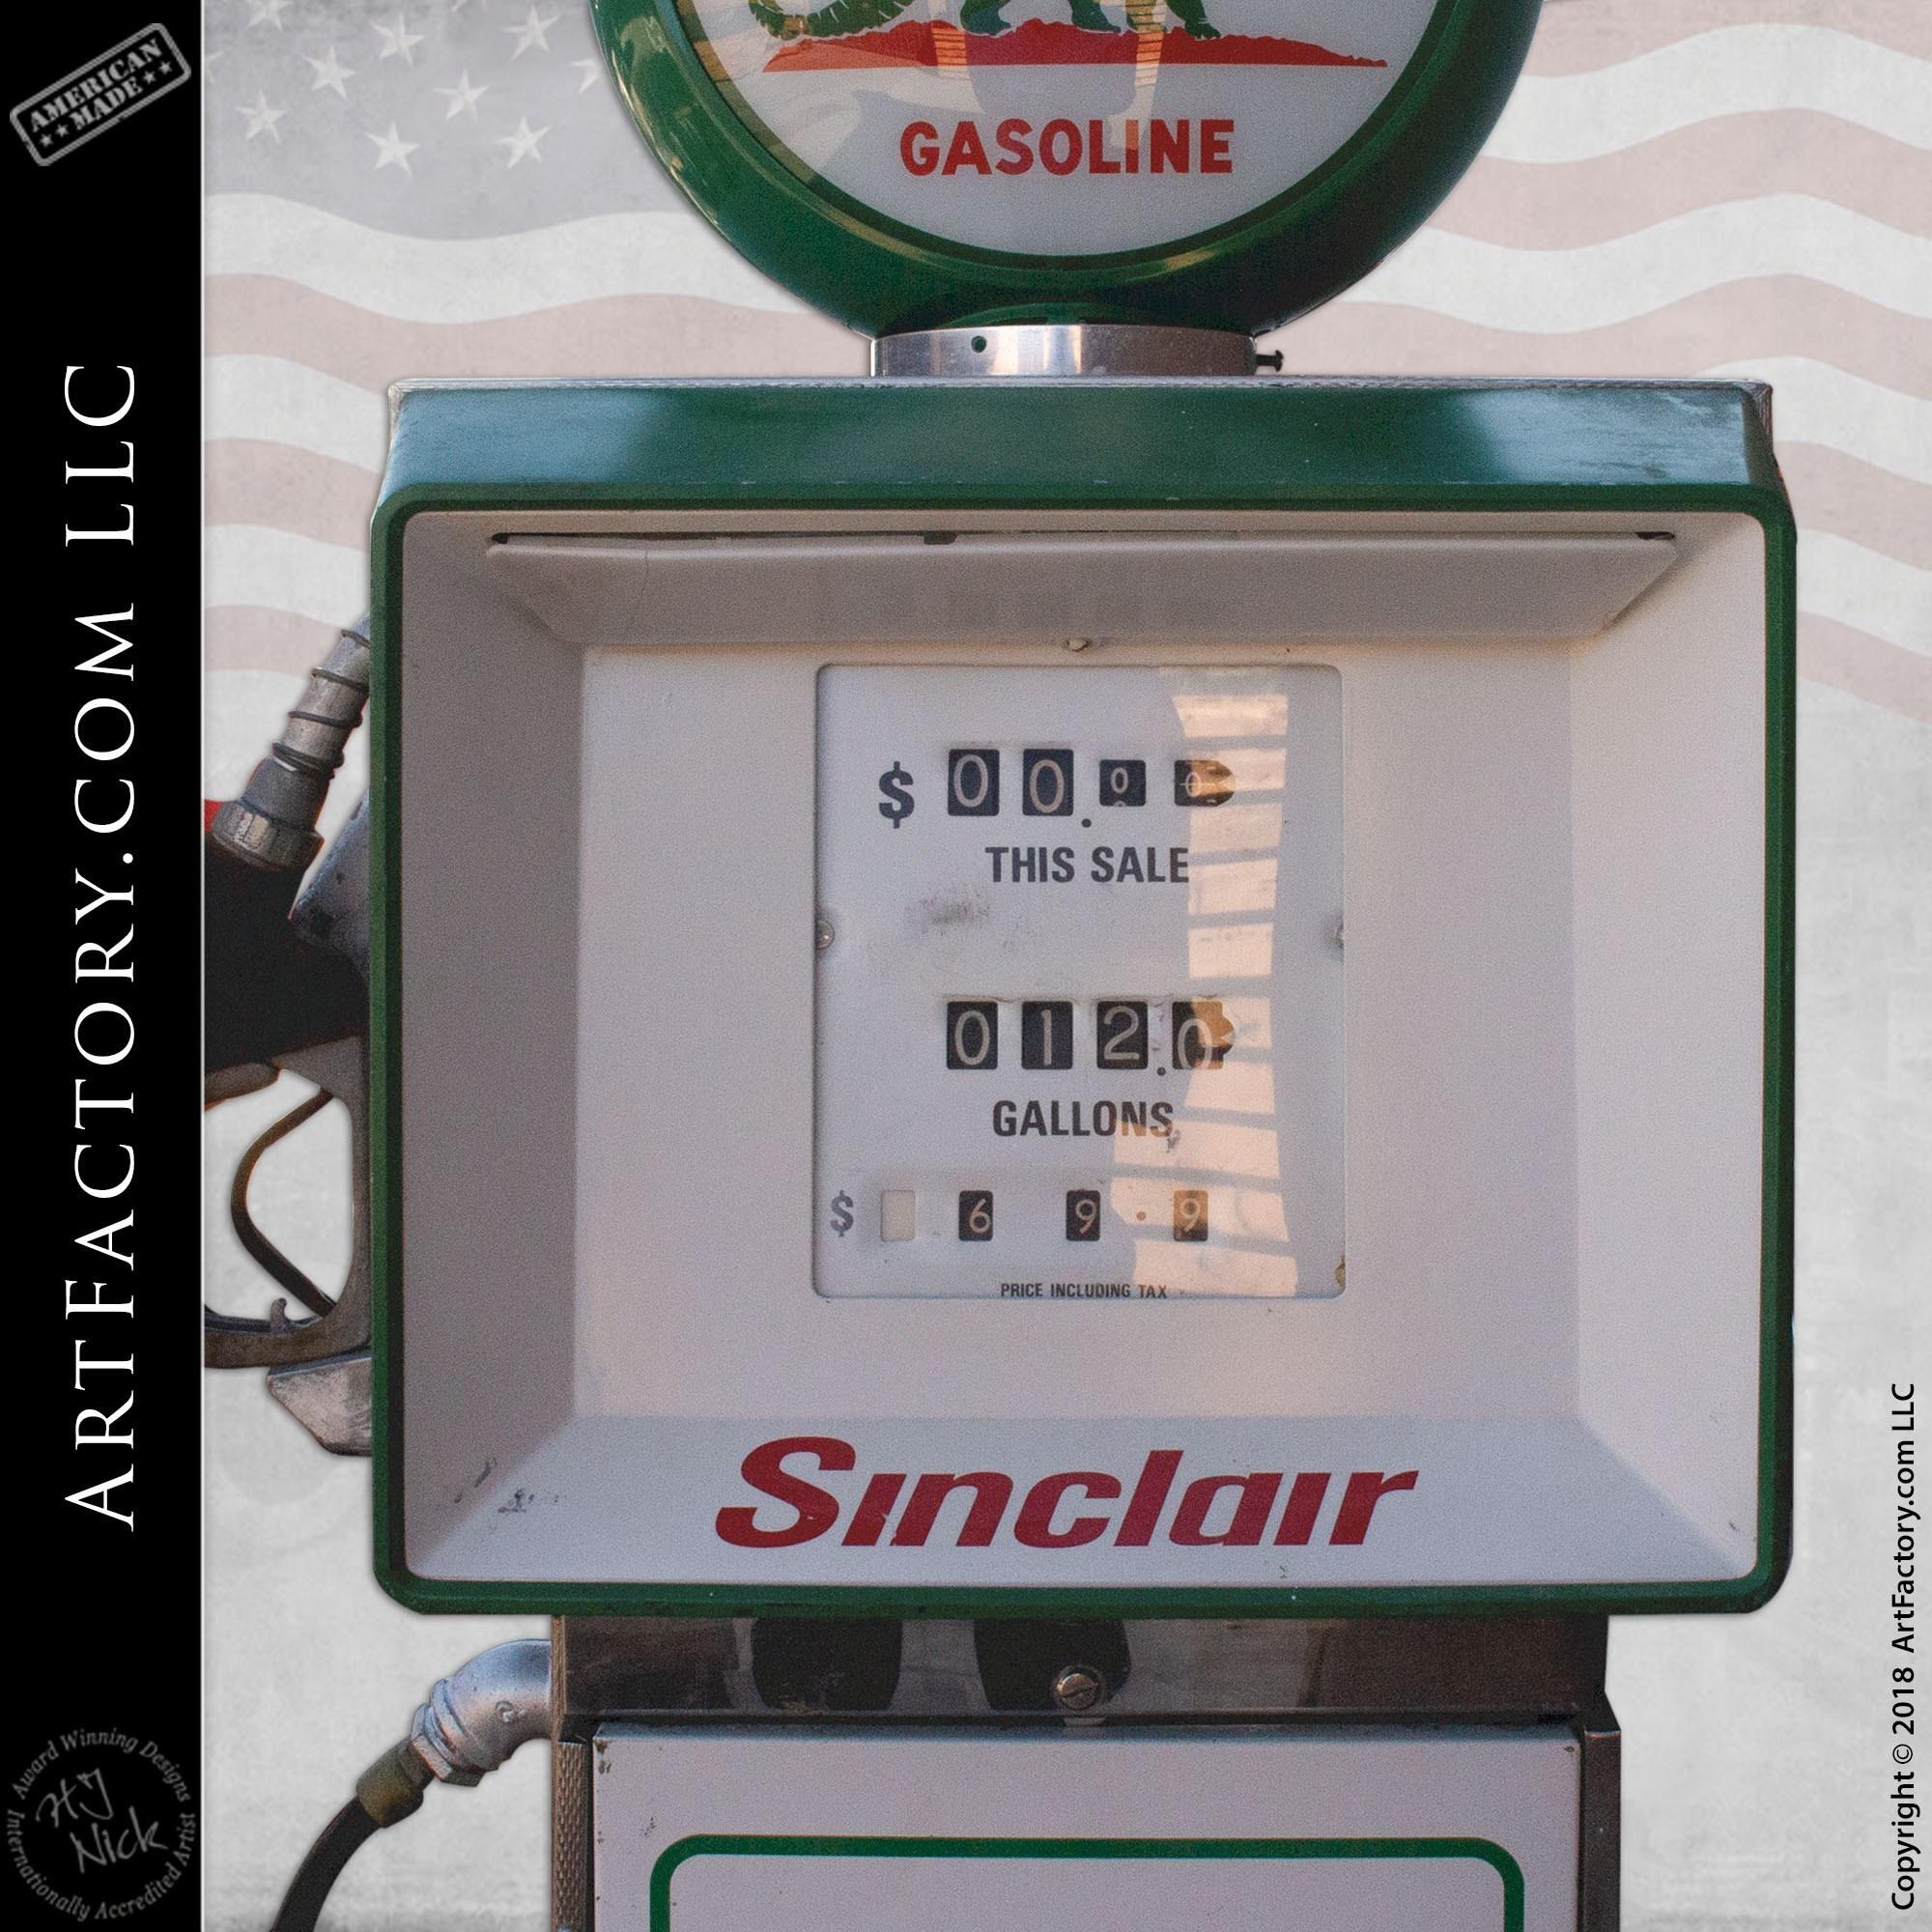 Sinclair Dino Gasoline Fuel Pump